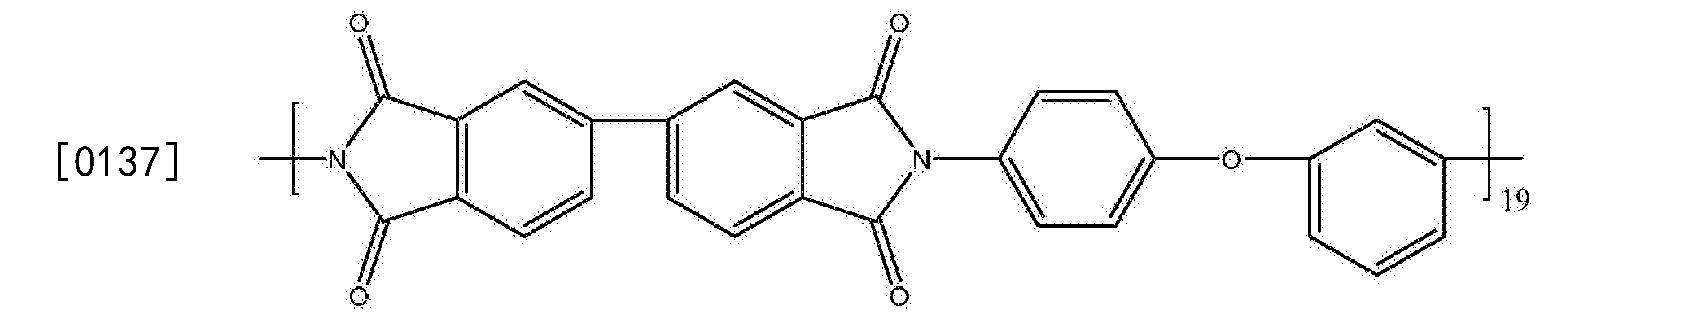 Figure CN104829837BD00182